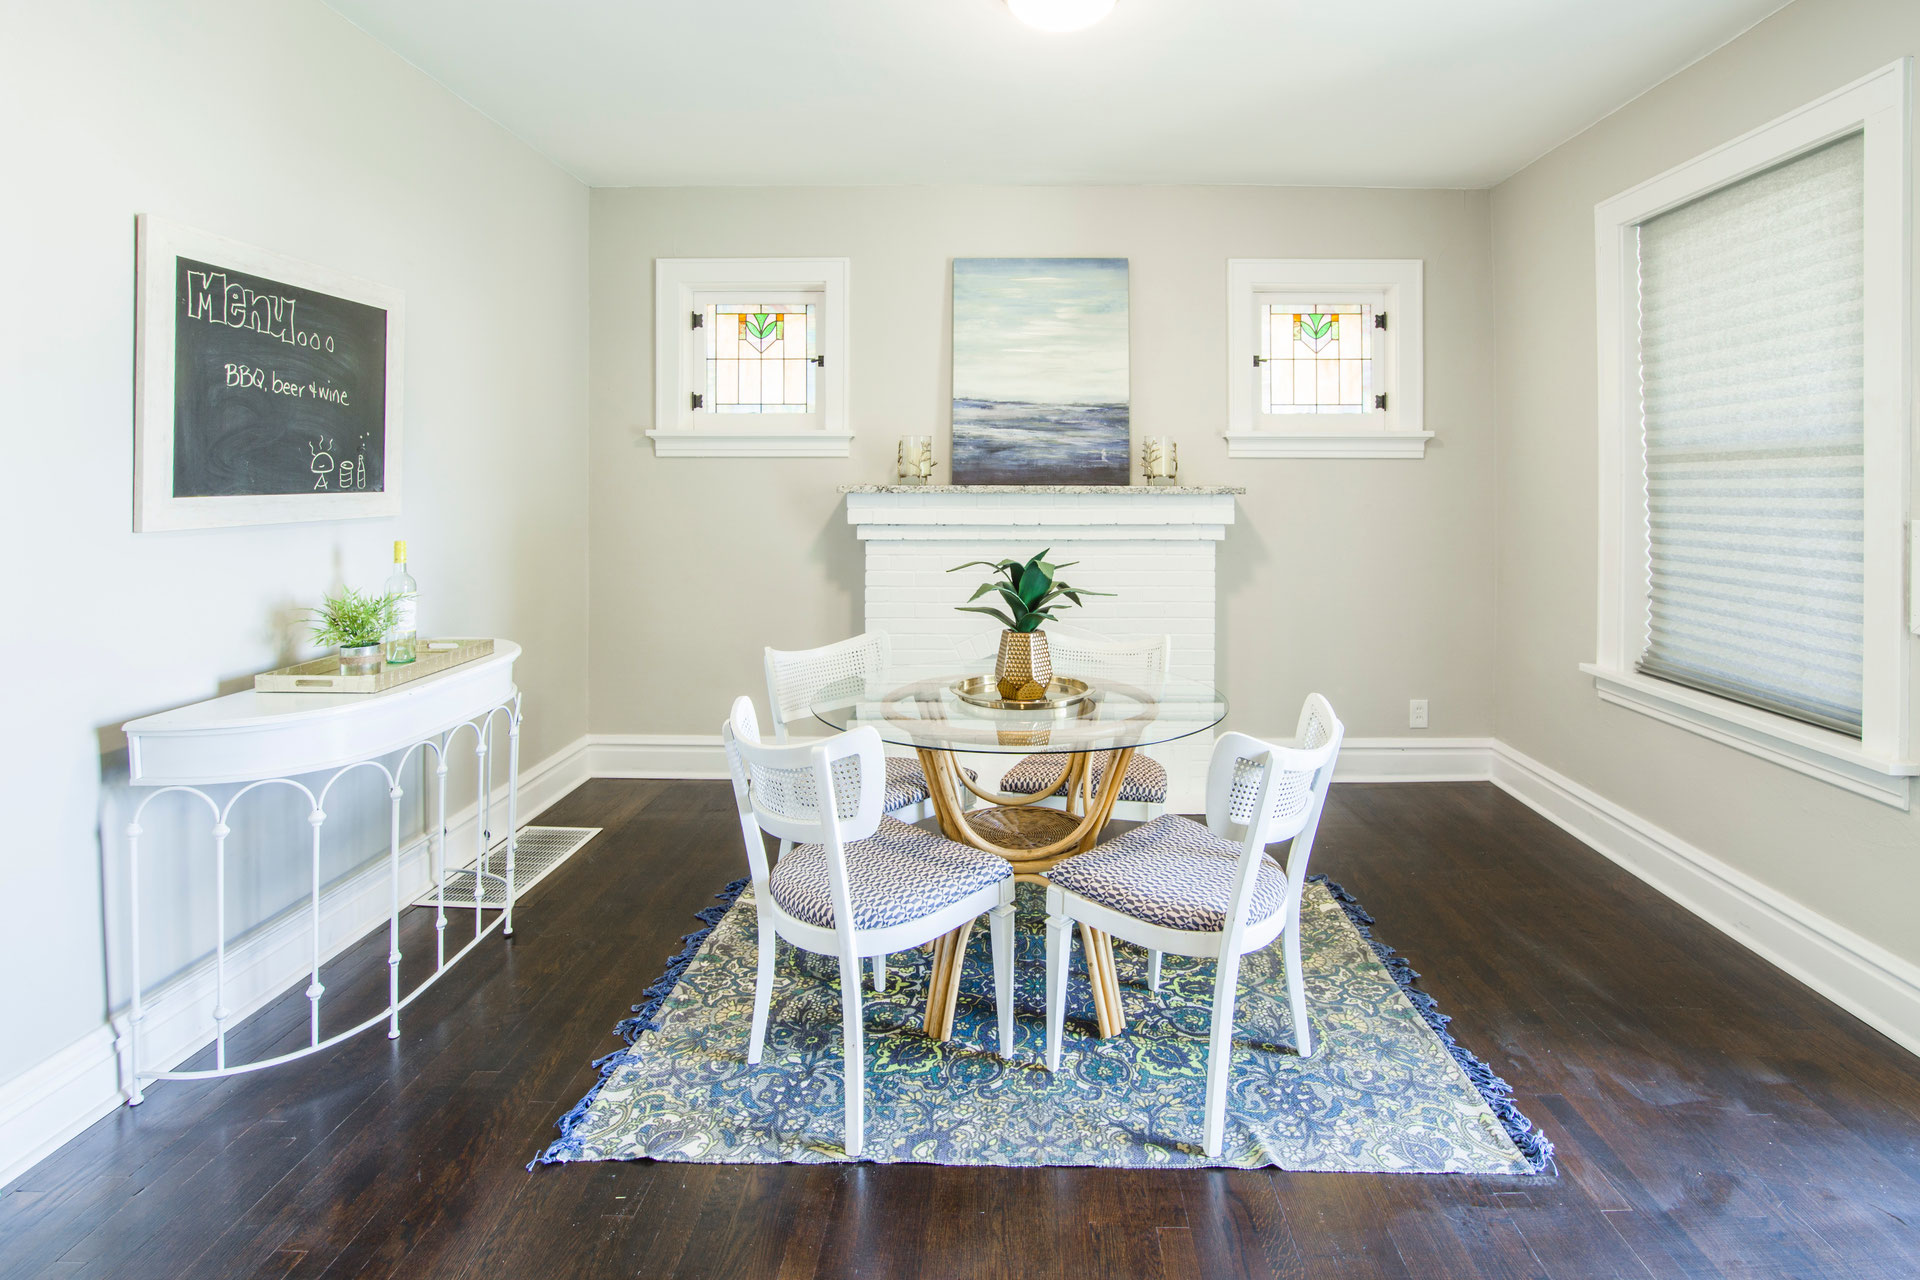 Meubles En Carton Pour Home Staging décoratrice/architecte d'intérieur/home stager - laura.c design